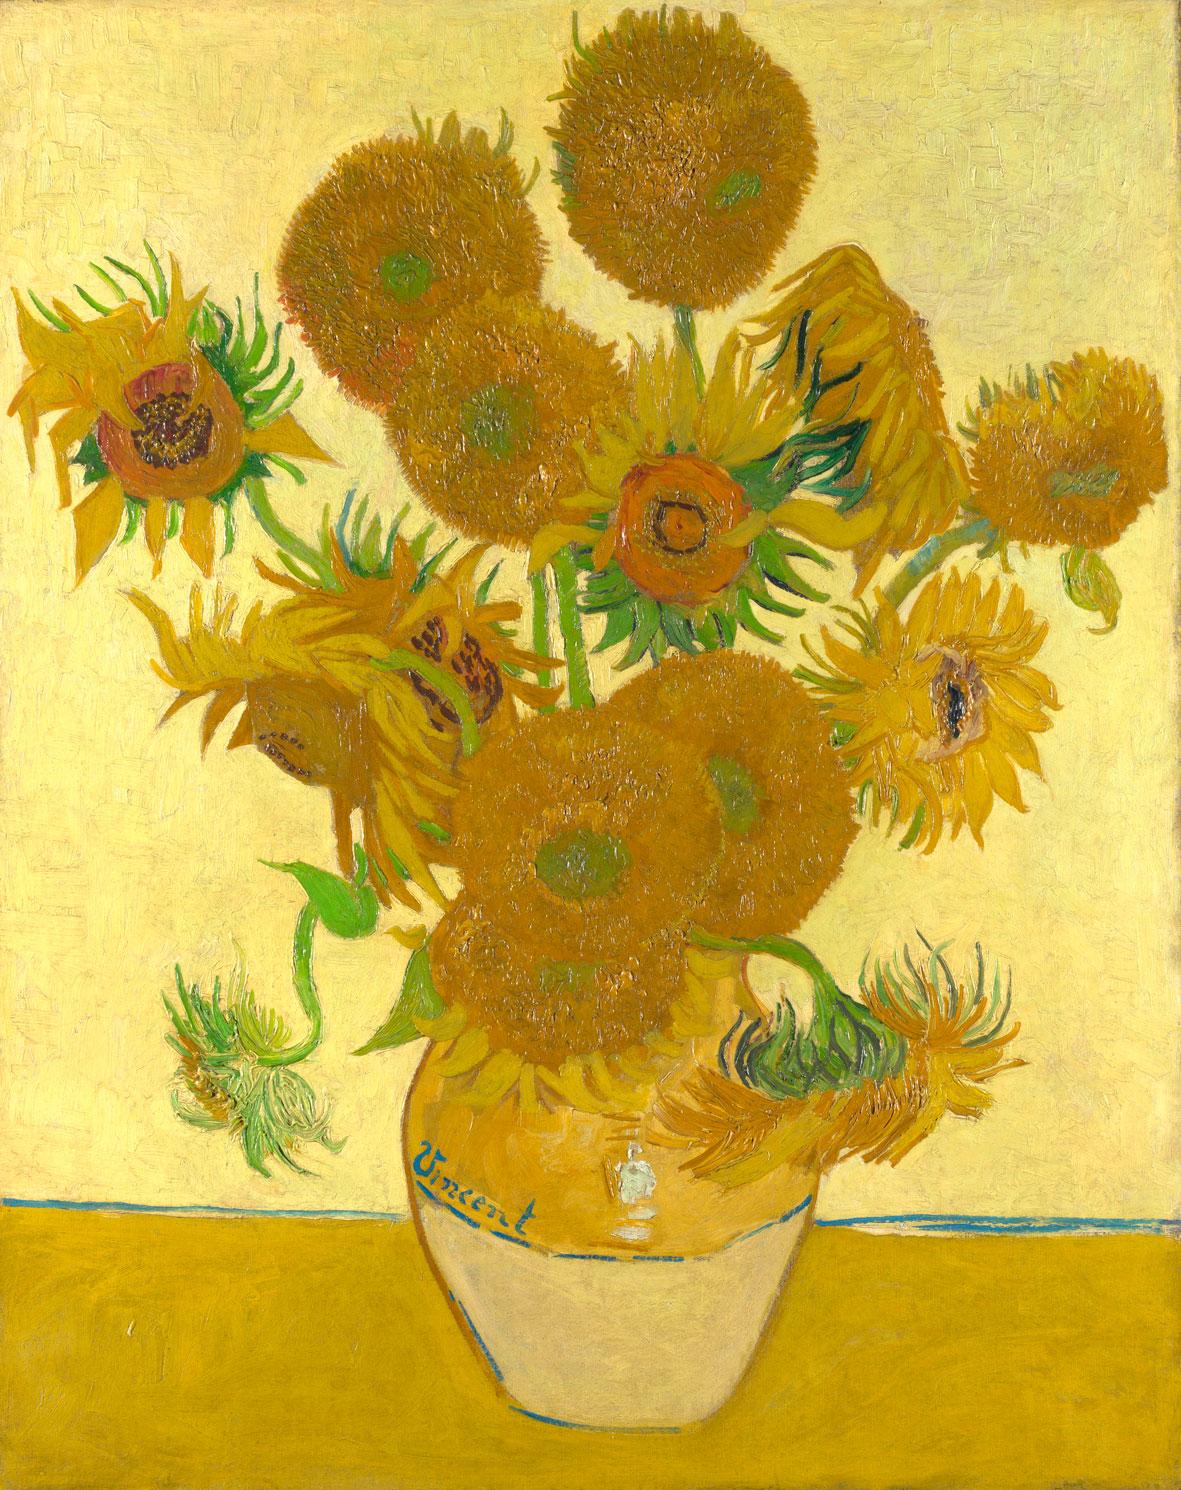 مشهورترین نقاشی های تاریخ: گل های آفتابگردان